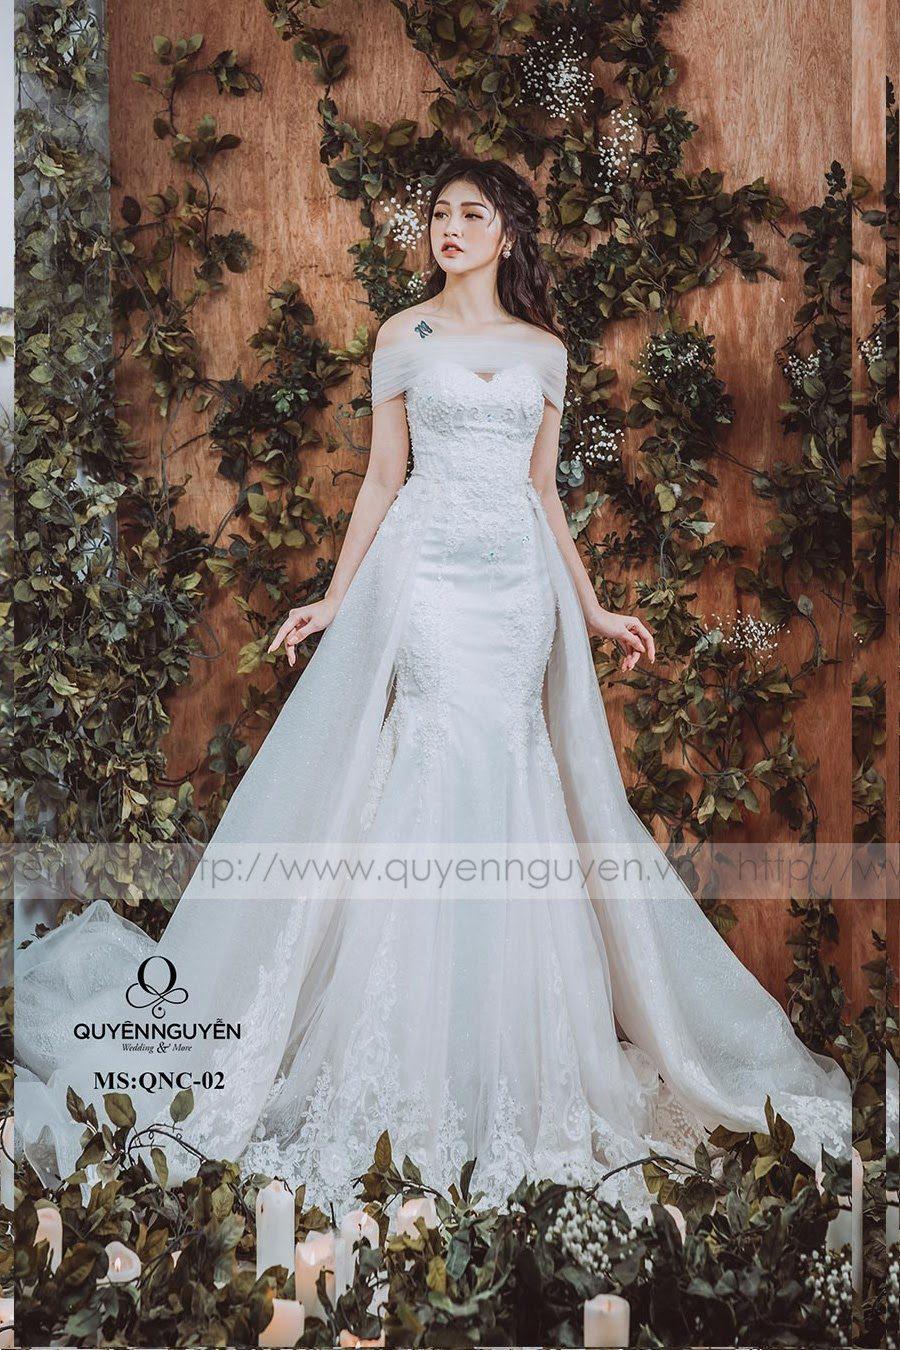 Cửa hàng may, cho thuê váy cưới đuôi cá sang chảnh tại Hà Nội